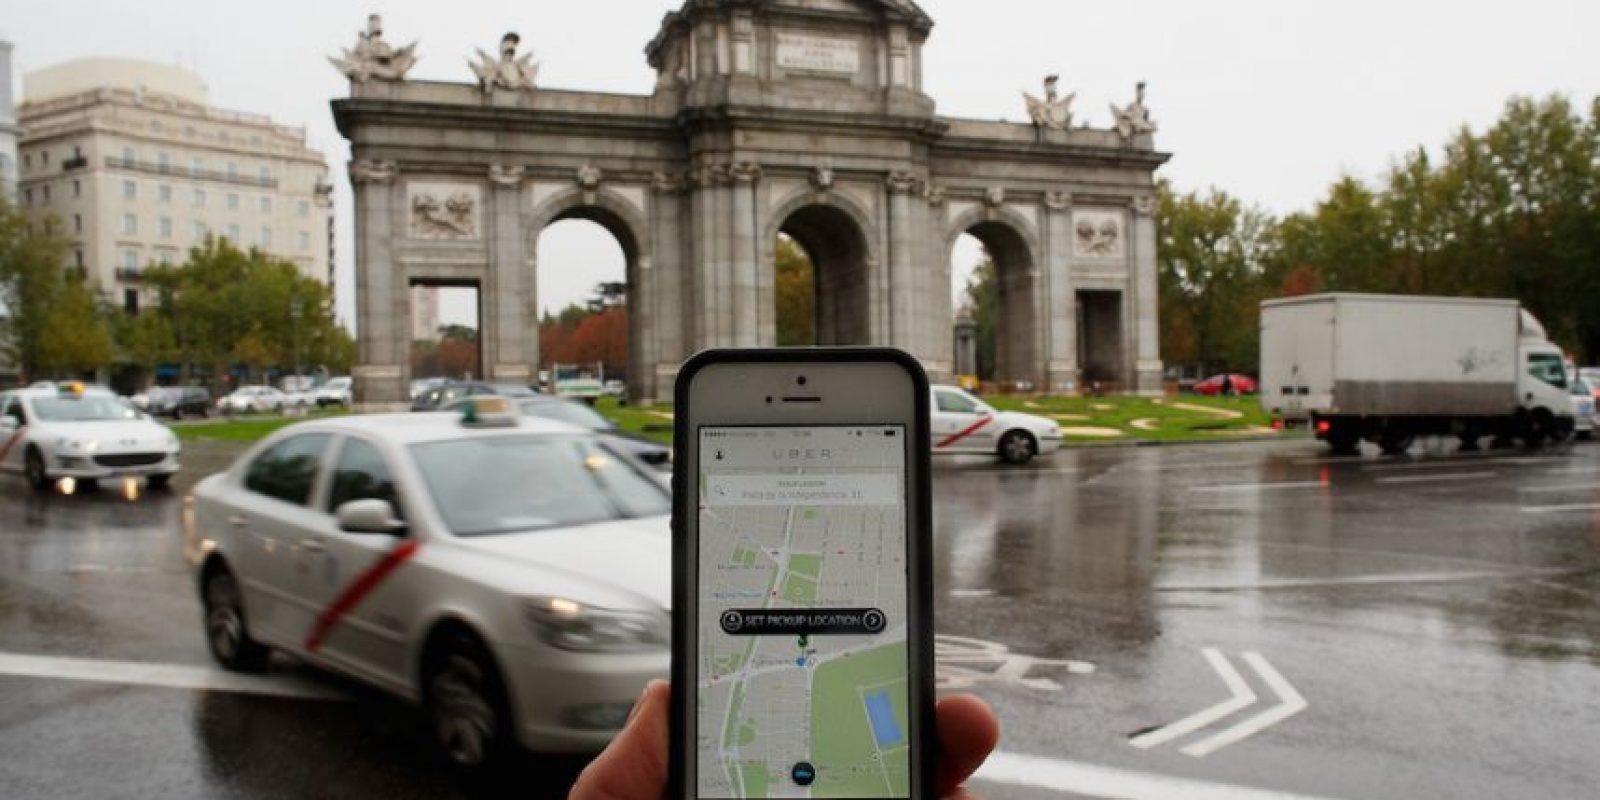 """Según Uber, si encuentran una """"tarifa dinámica"""", es recomendable esperar un lapso de cinco minutos. En caso de que no haya urgencia por el servicio, la app tiene la opción de notificarles en 30 minutos si las tarifas han bajado. Foto:Getty Images"""